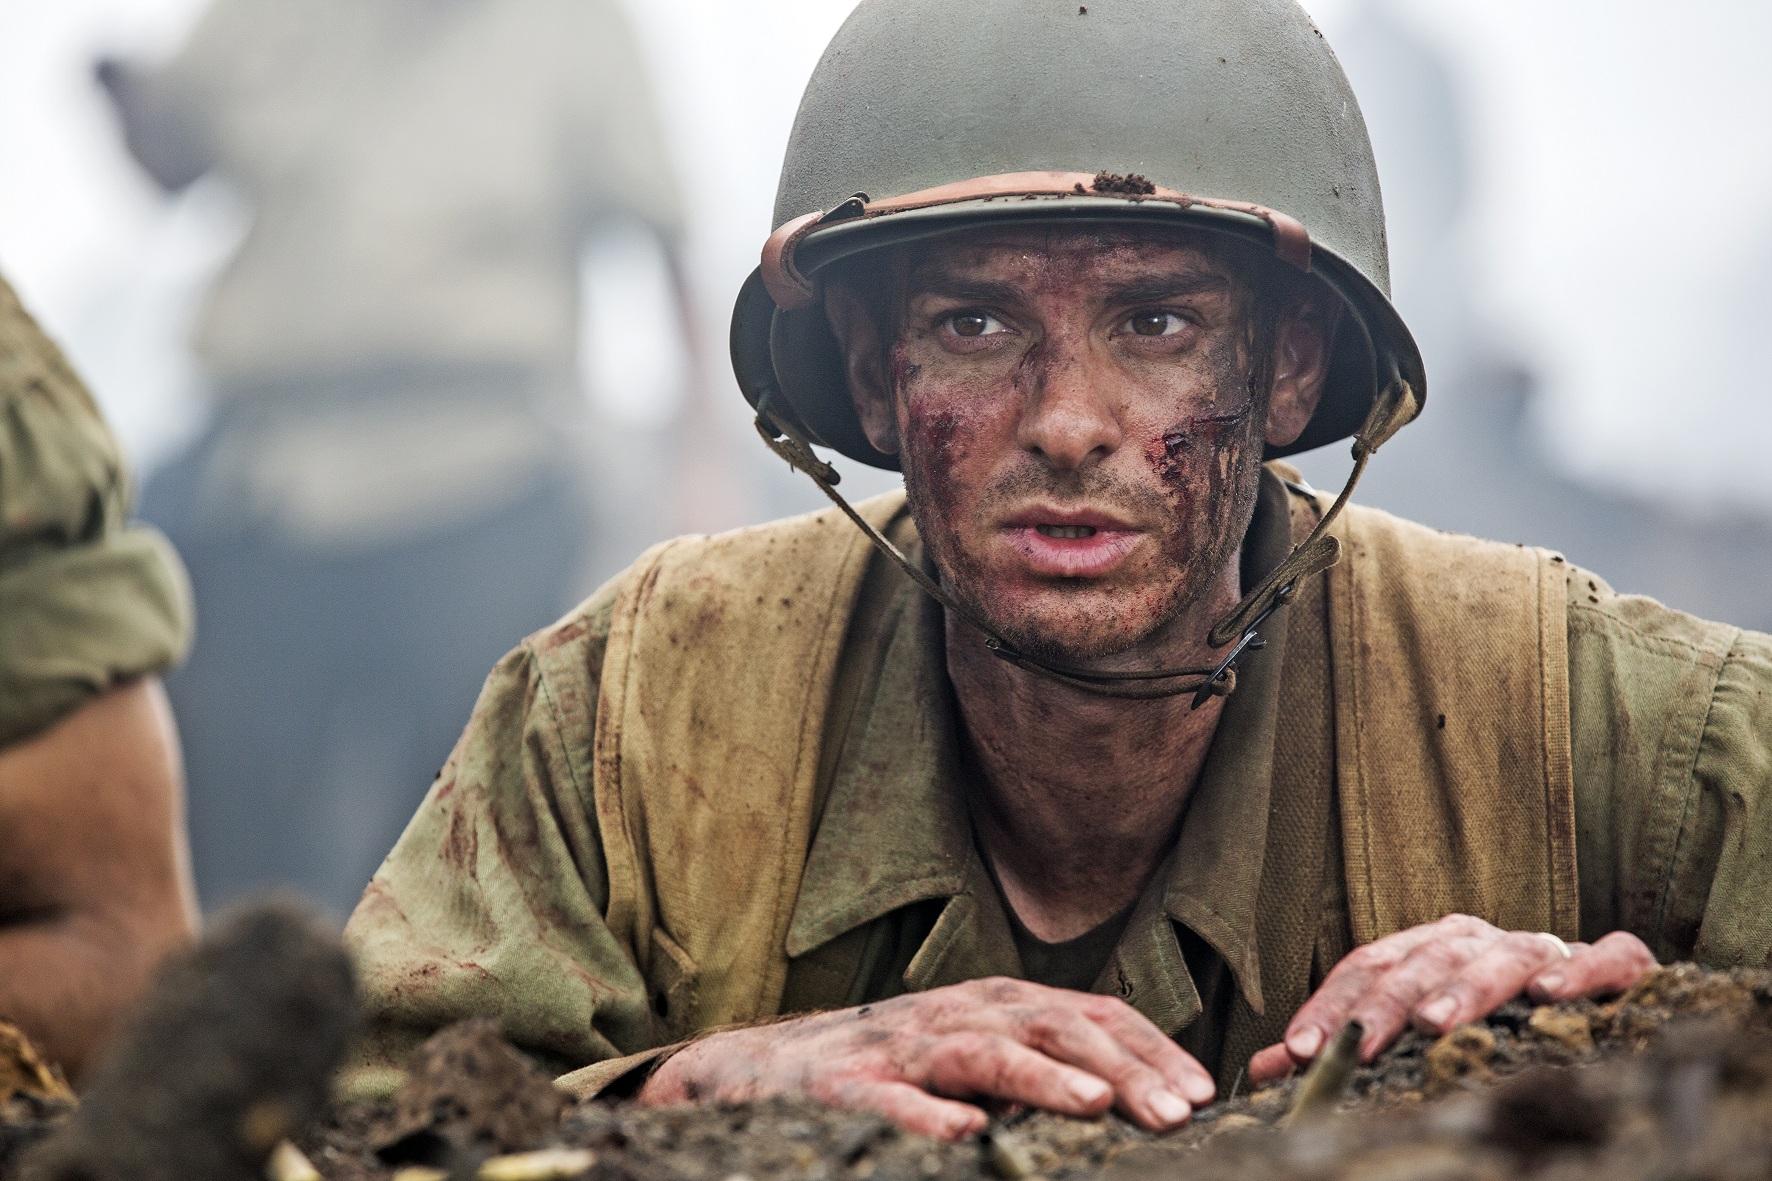 A Venezia è il giorno di Mel Gibson, sbarcatooggi alla Mostra del Cinema per presentare fuori concorso il nuovo film Hacksaw Ridge, sua quinta regia cinematografica.Dopo insegnanti sfigurati, eroi scozzesi, […]